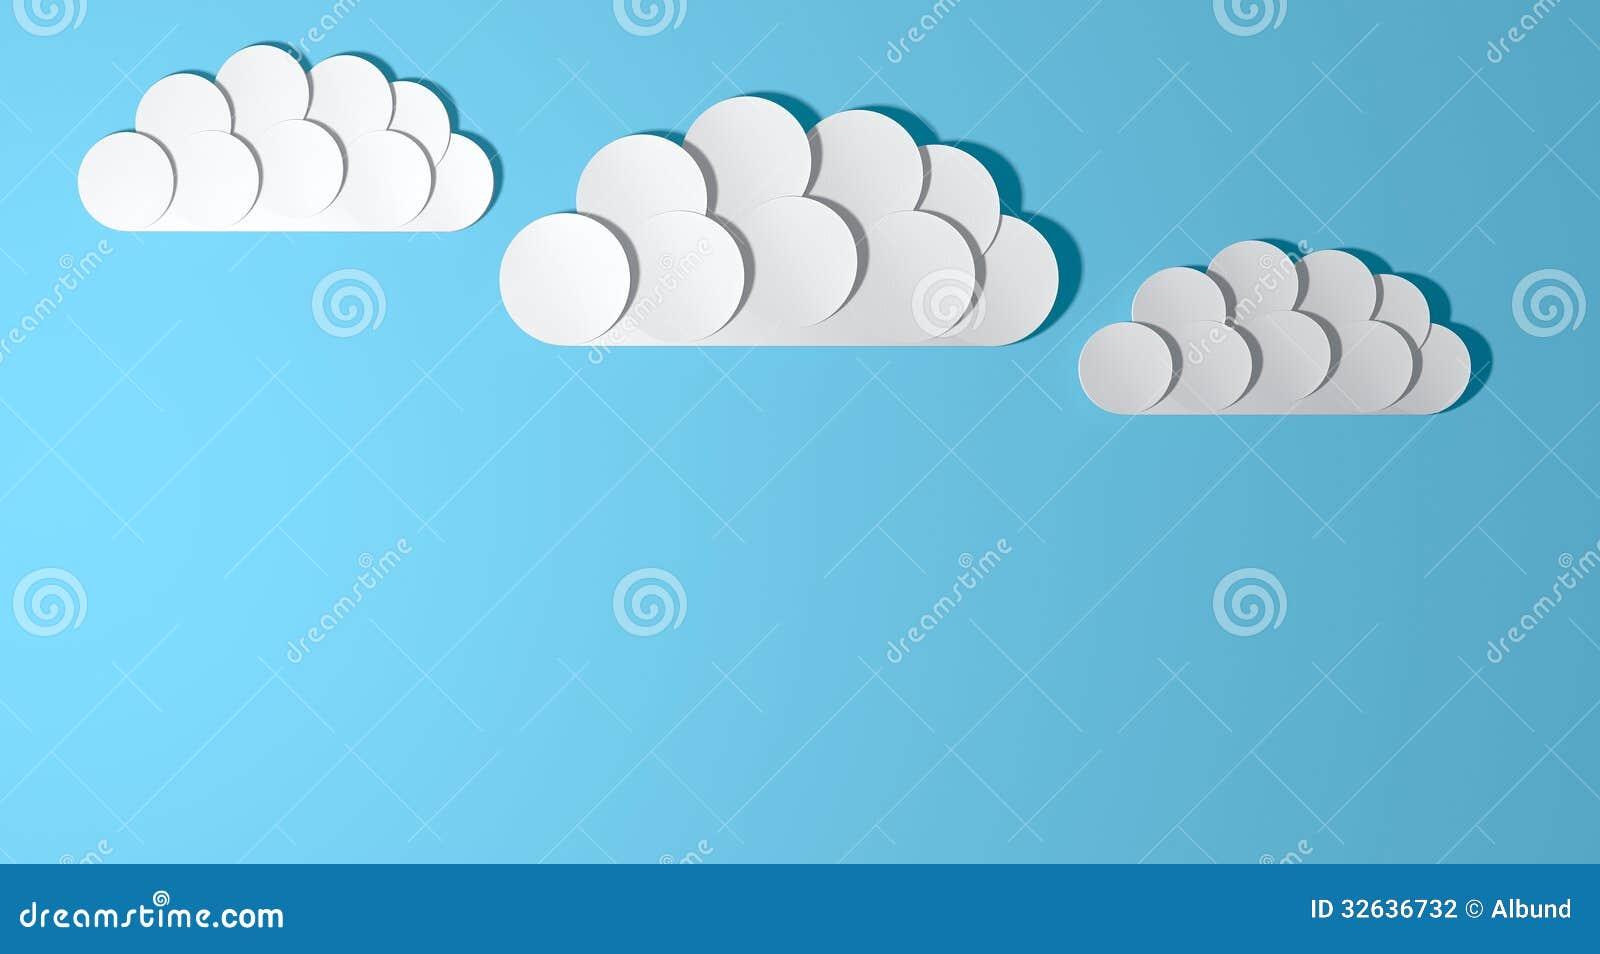 Clouds Craft Paper